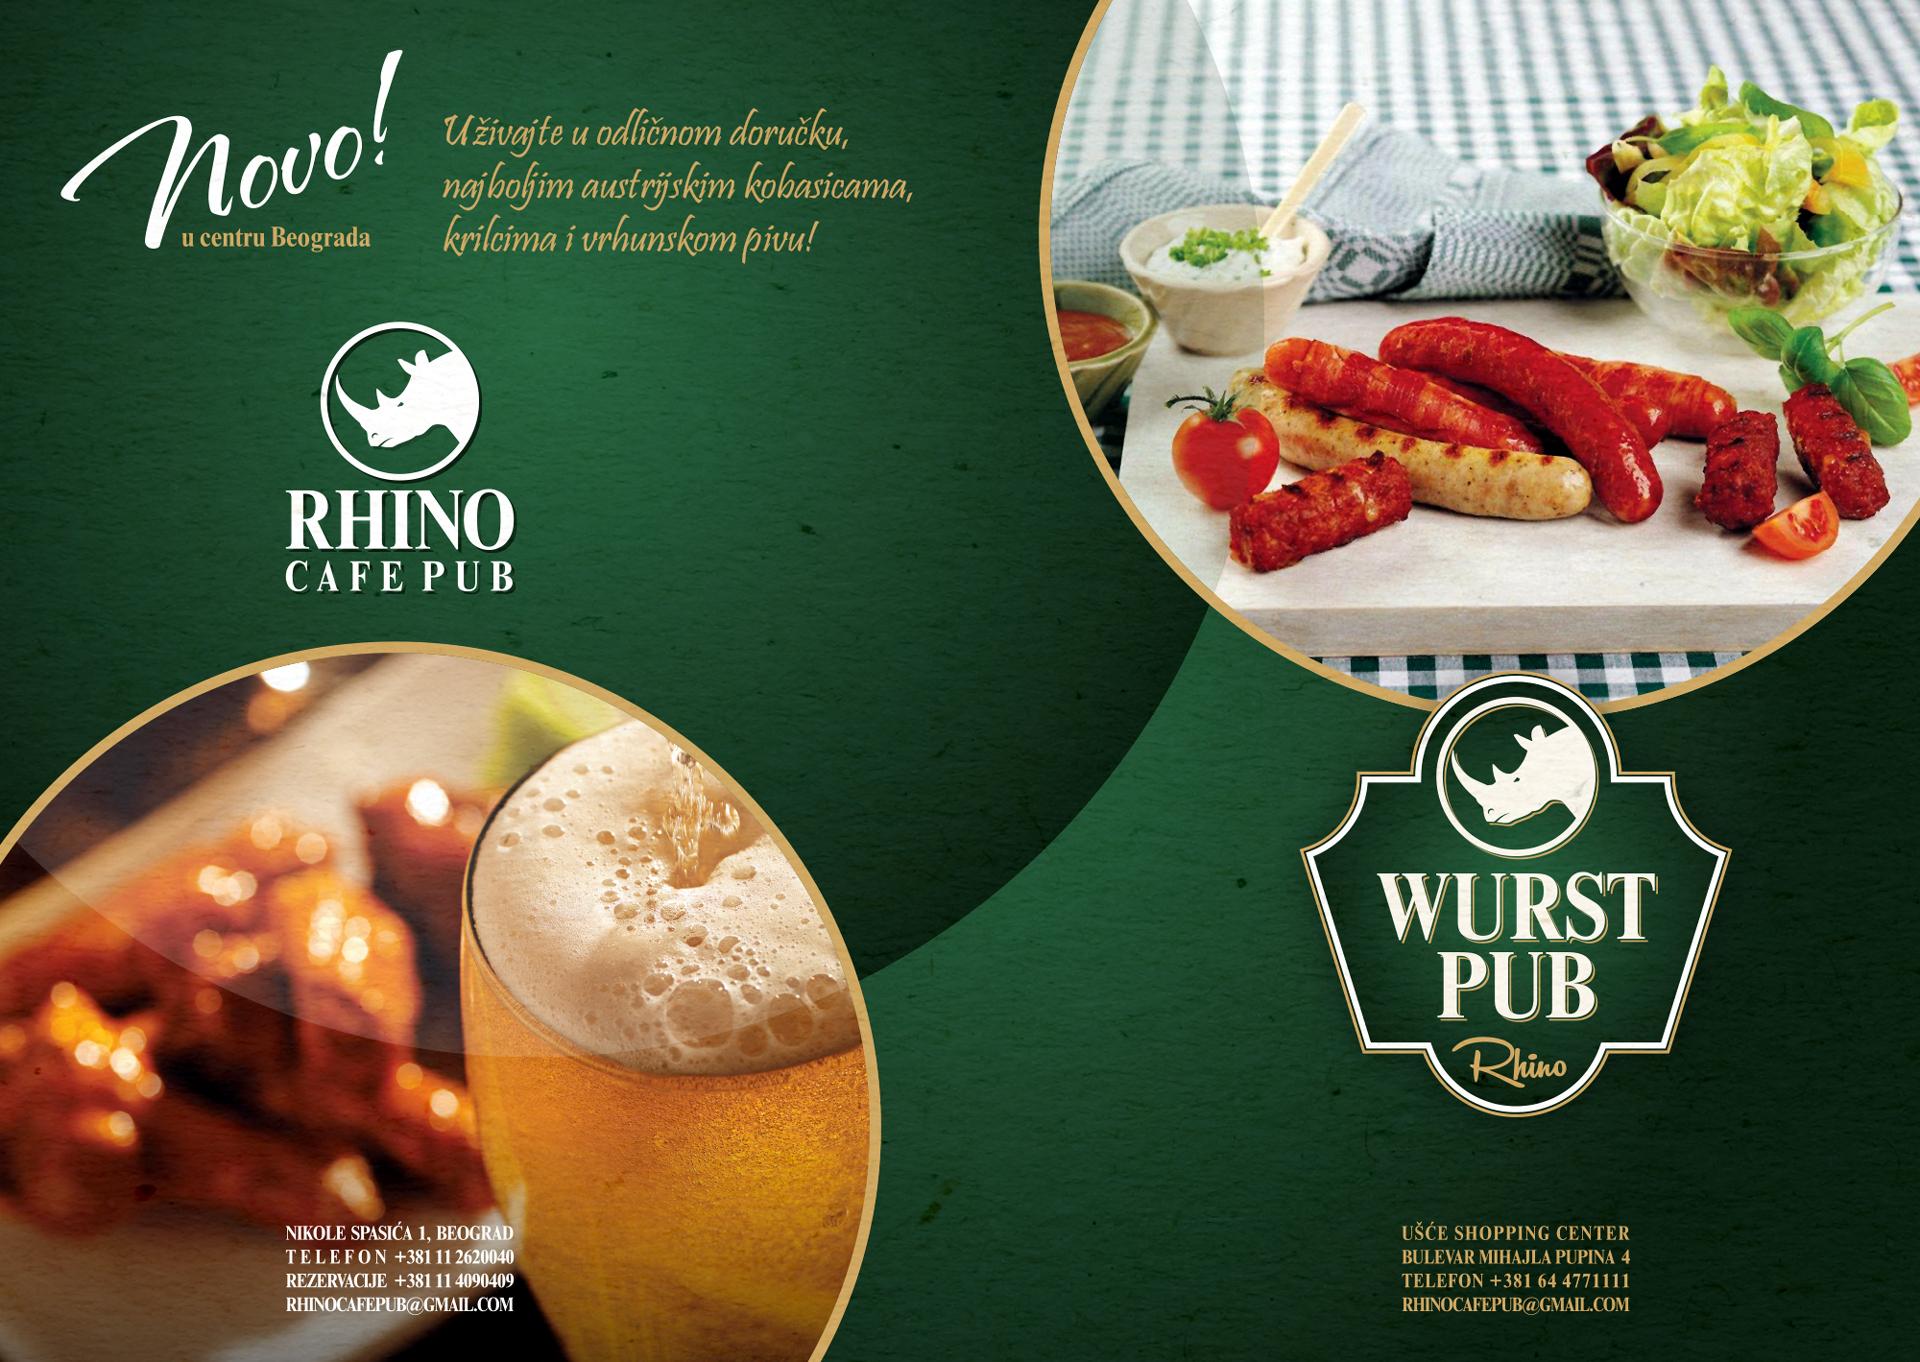 wurst-pub-rhino-05